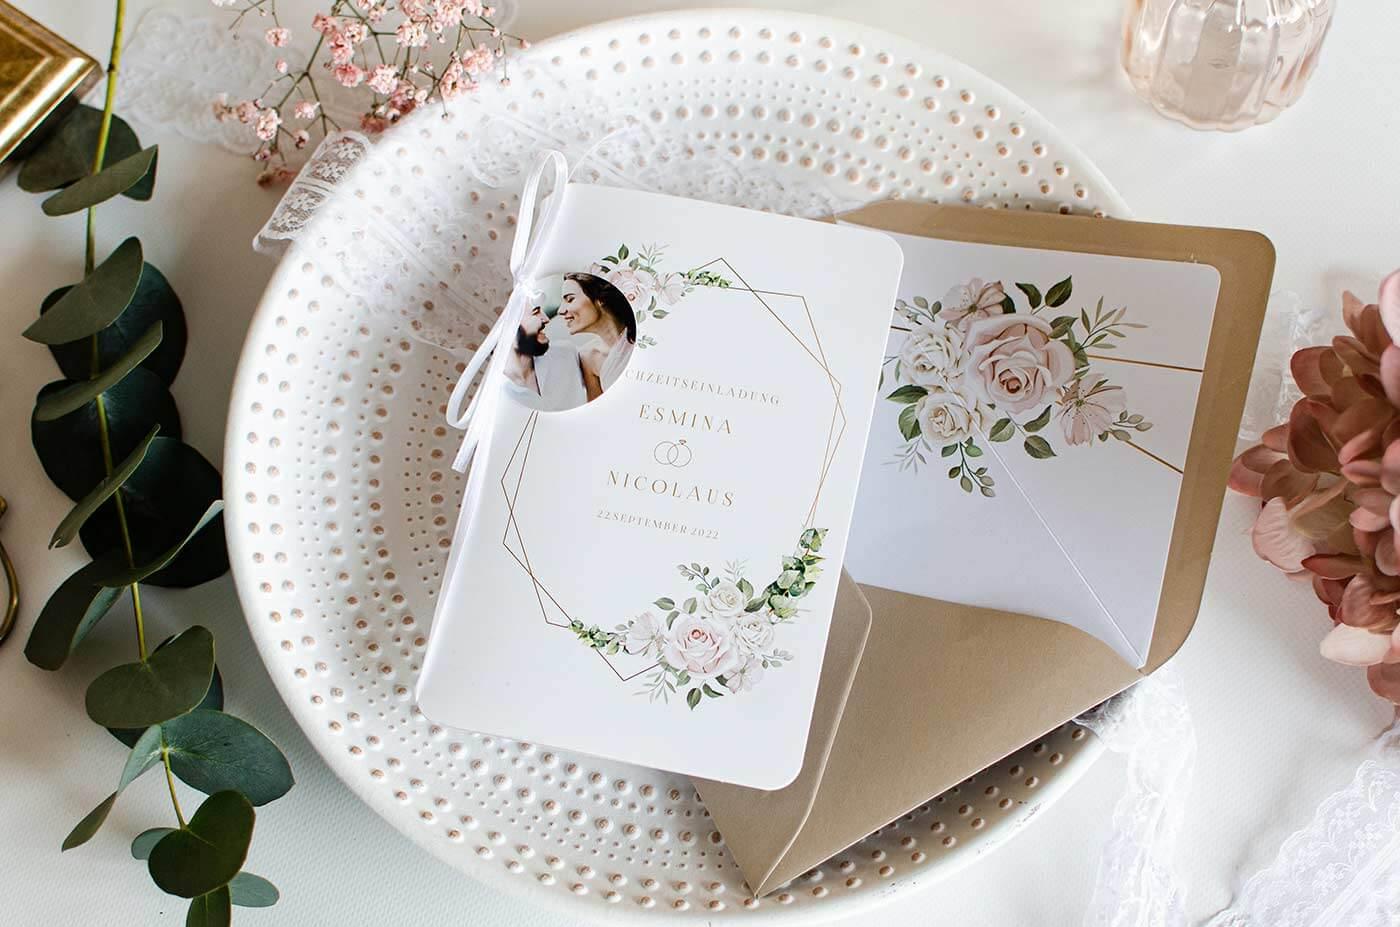 Einladungskarten zur Hochzeit mit Blumen